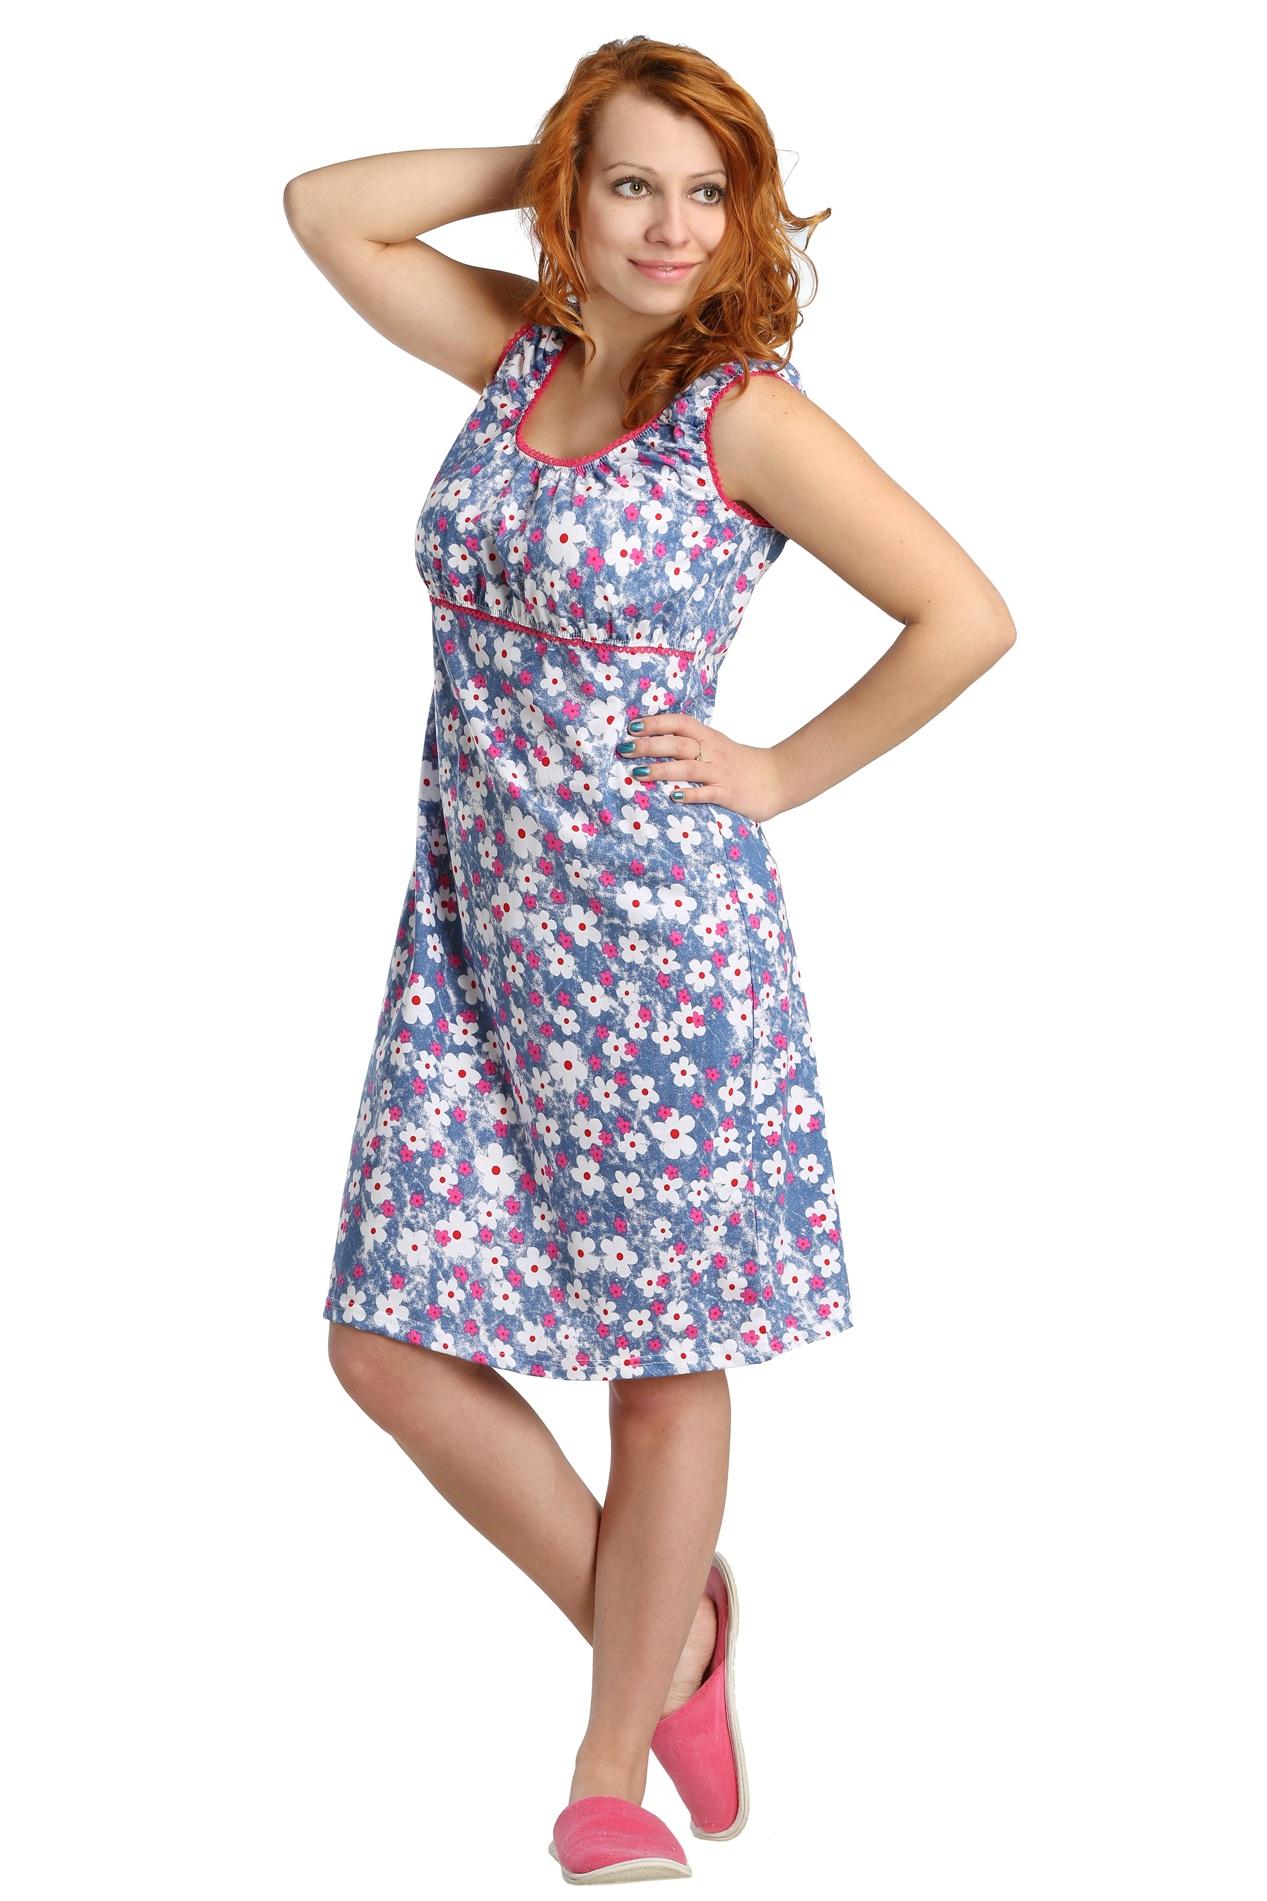 Жен. платье арт. 16-0099 Малиновый р. 56Платья<br>Обхват груди: 112 см <br>Обхват талии: 95 см <br>Обхват бедер: 120 см <br>Длина по спинке: 100 см <br>Рост: 164-170 см<br><br>Тип: Жен. платье<br>Размер: 56<br>Материал: Кулирка